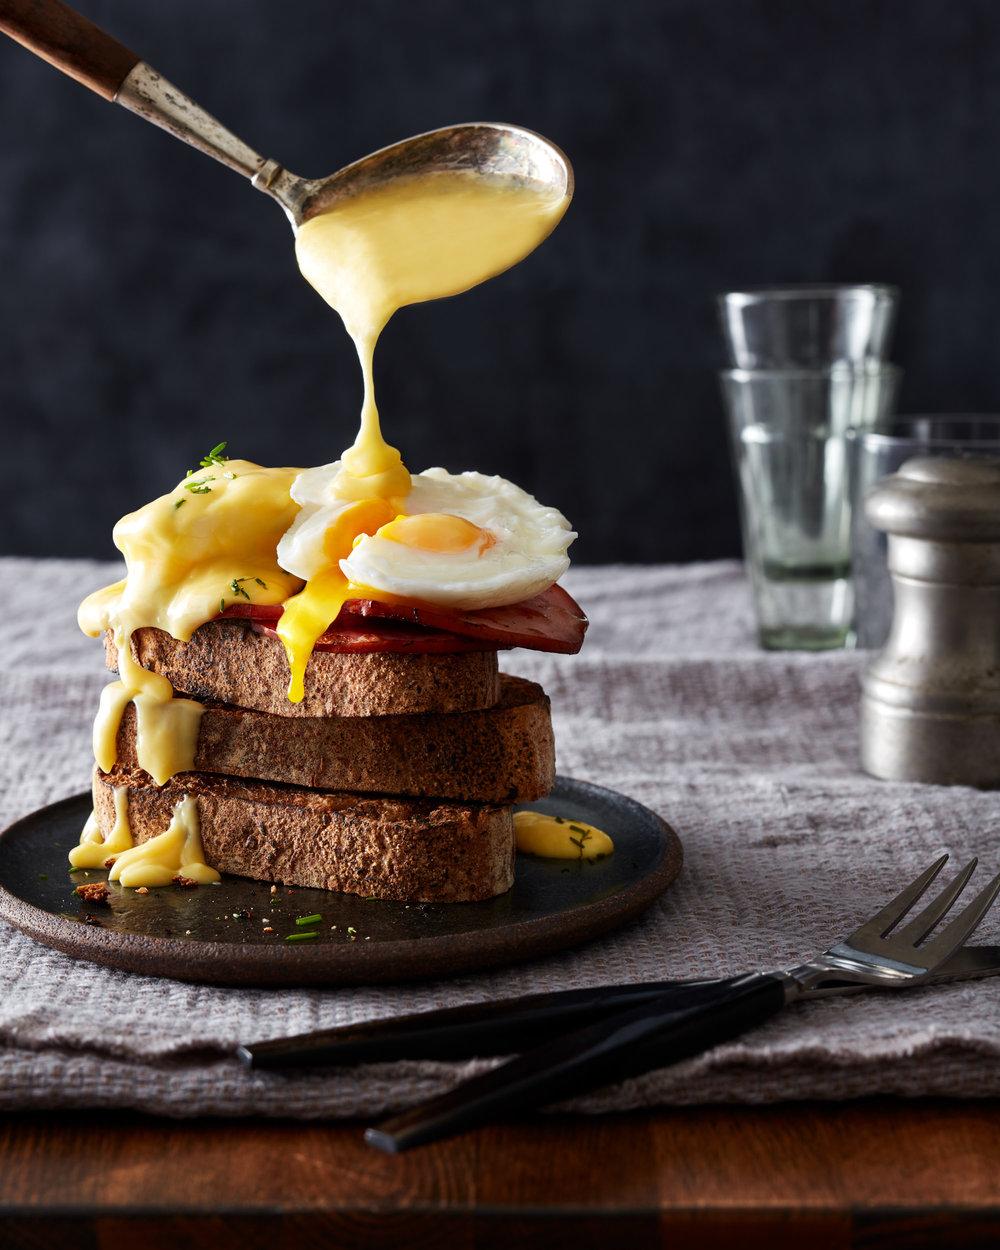 food-eggs-benedict-lesliegrow.jpg